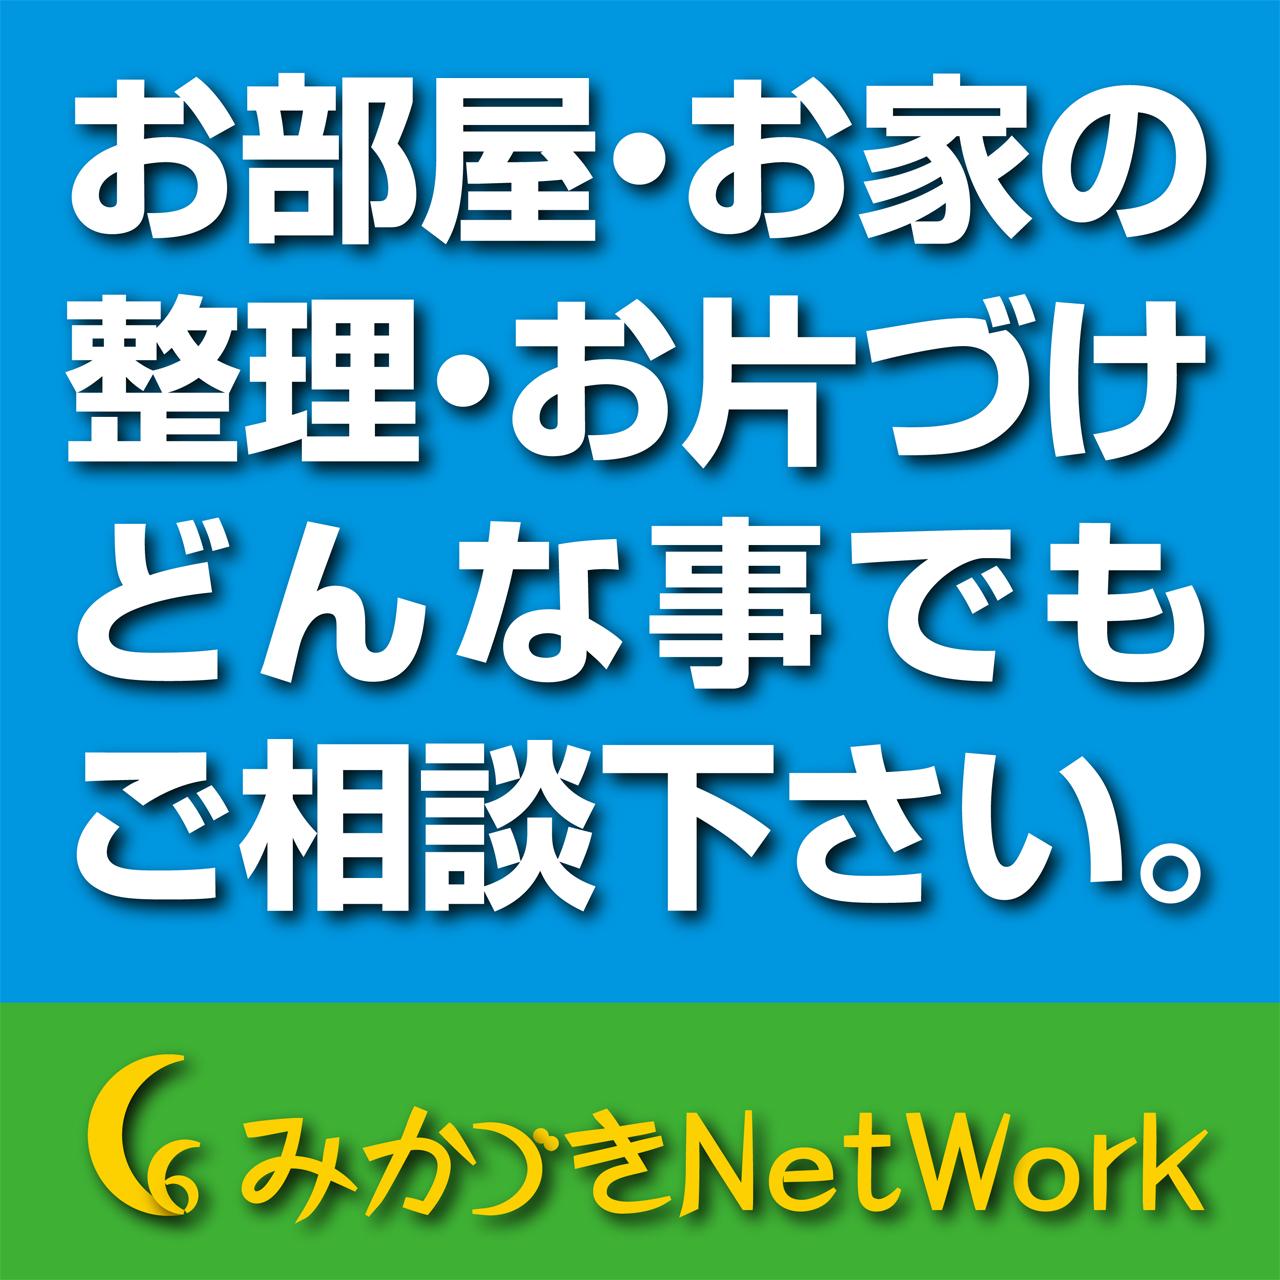 株式会社みかづきネットワーク